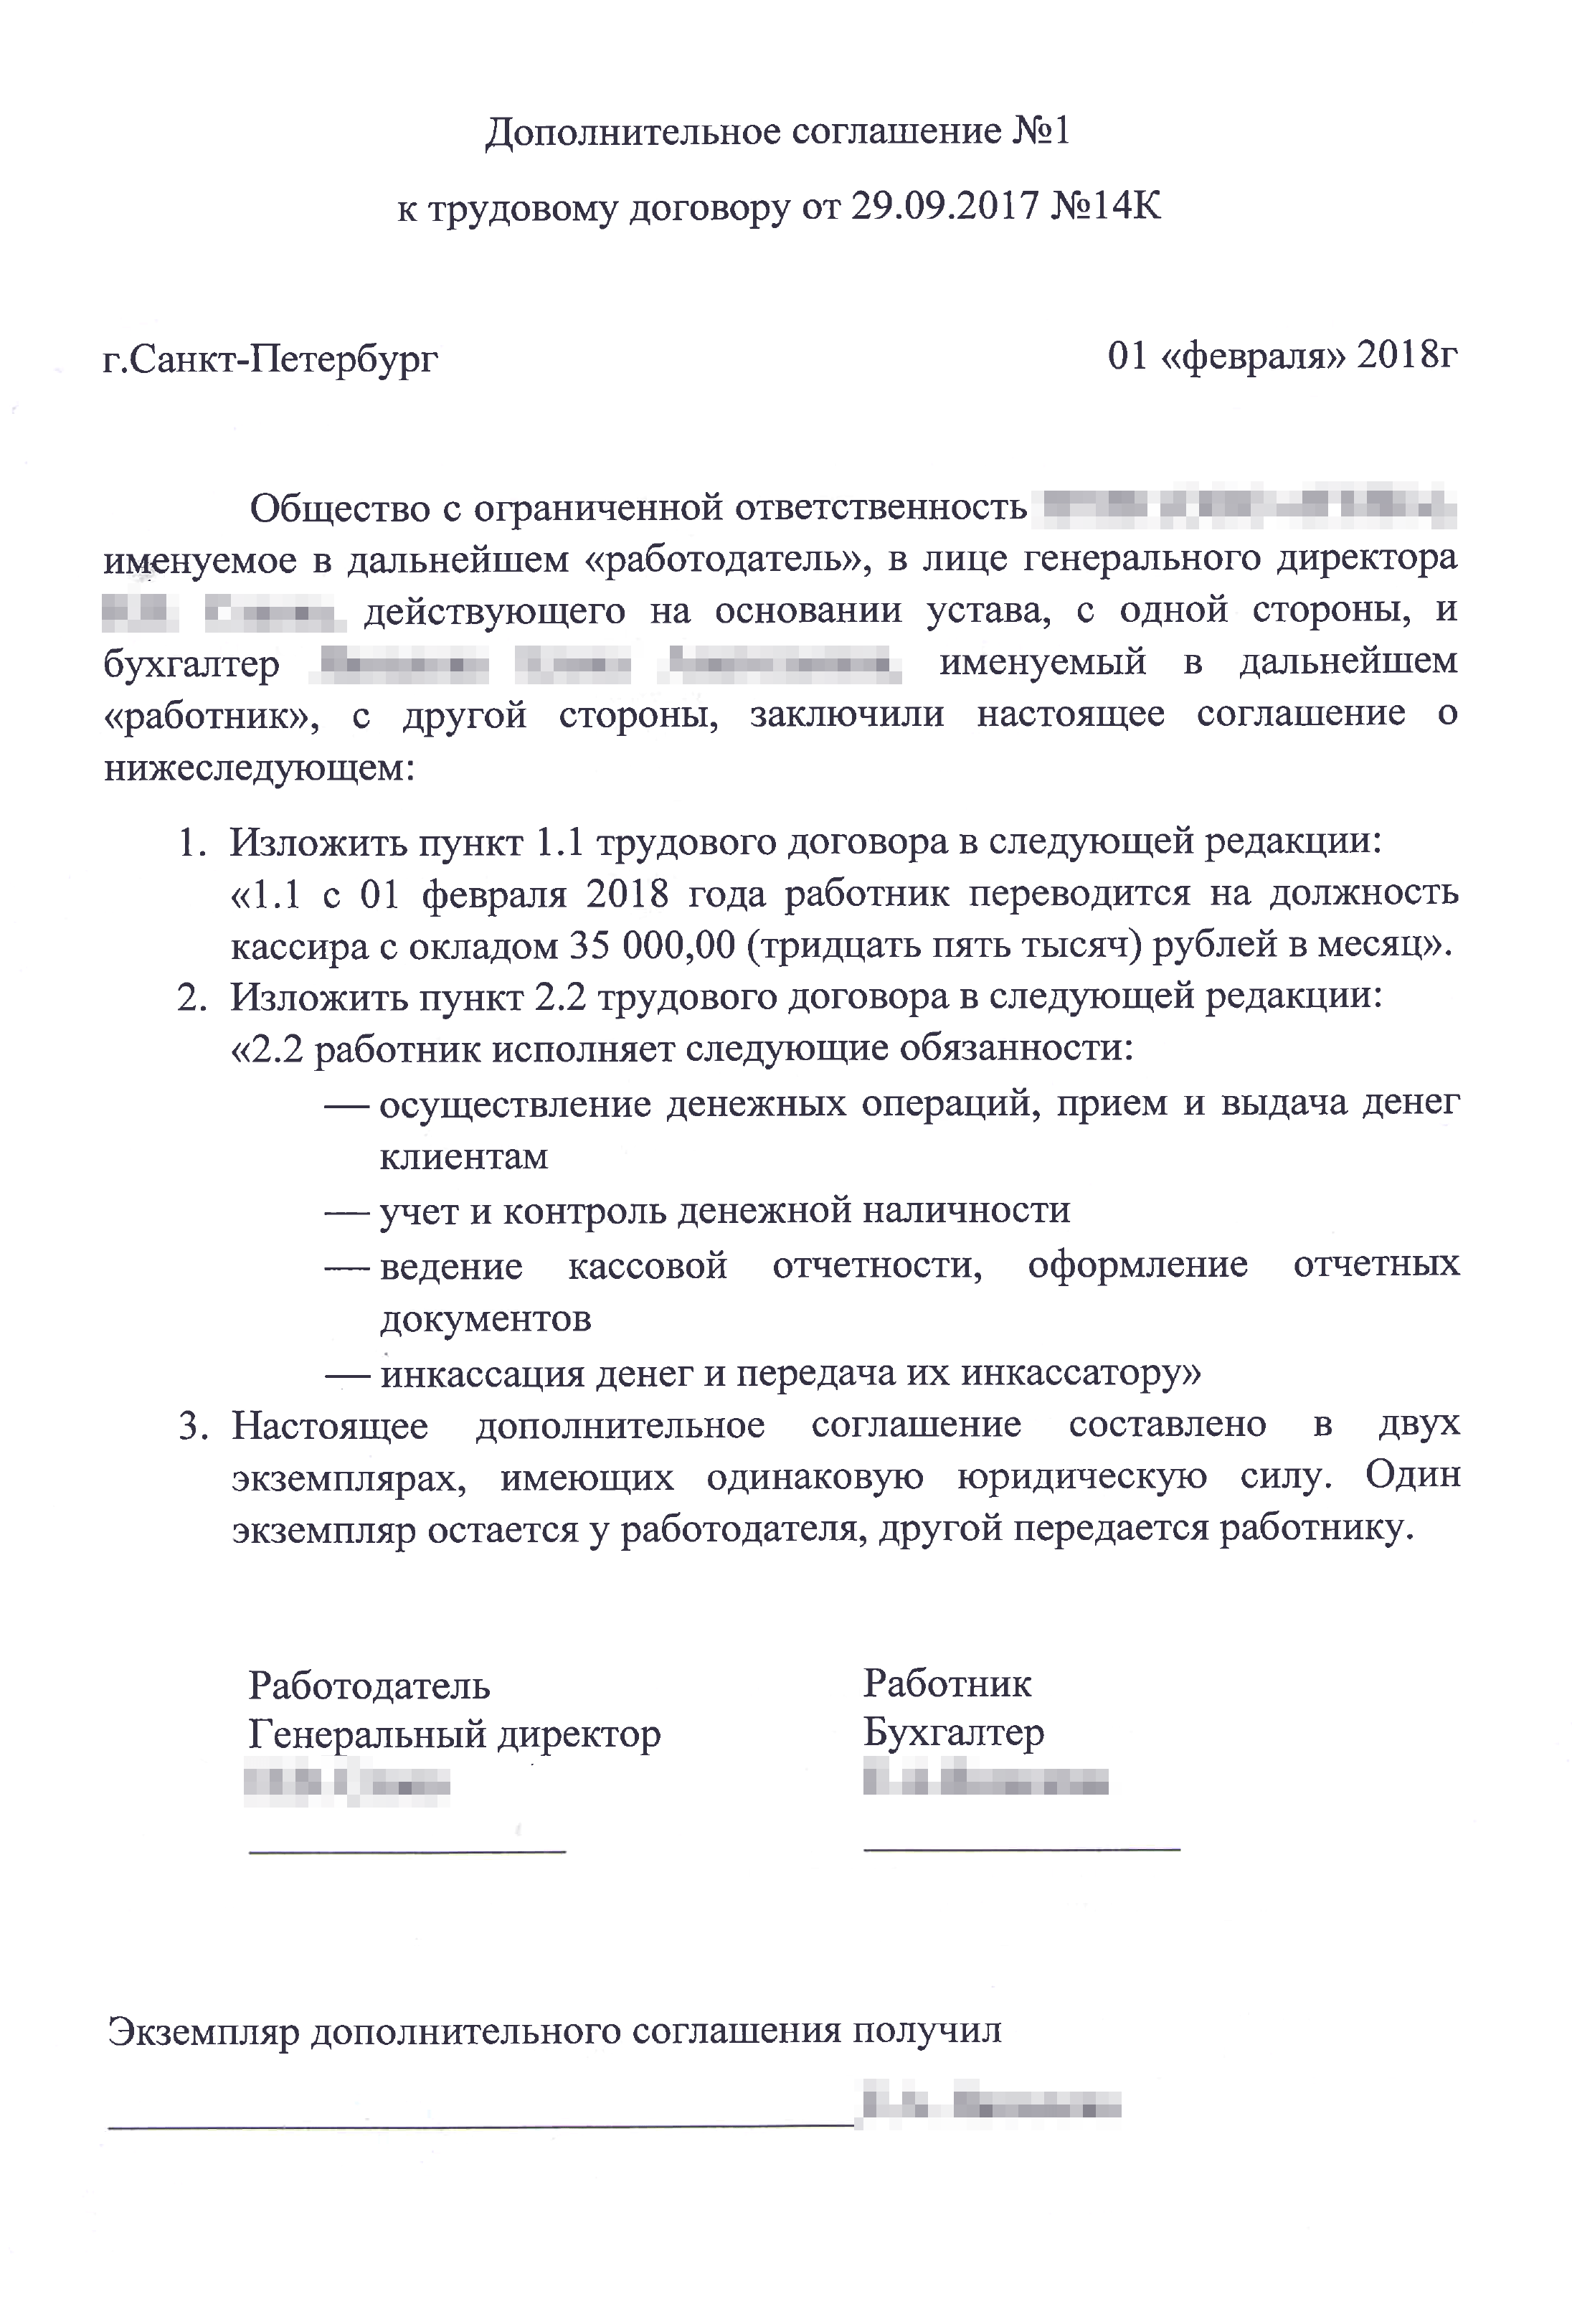 Дополнительное соглашение к трудовому договору готовит отдел кадров